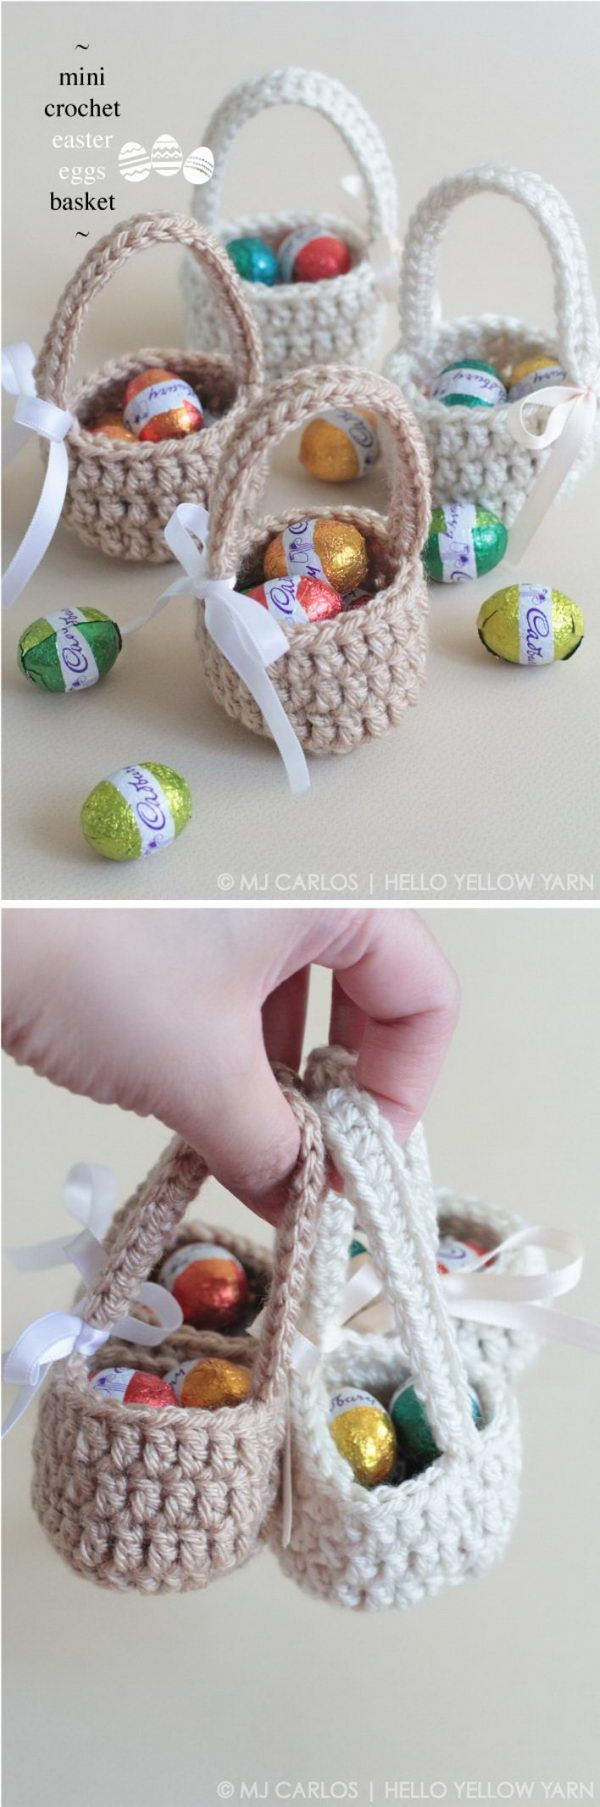 Mini Crochet Easter Eggs Basket #CrochetEaster | wielkanoc ...